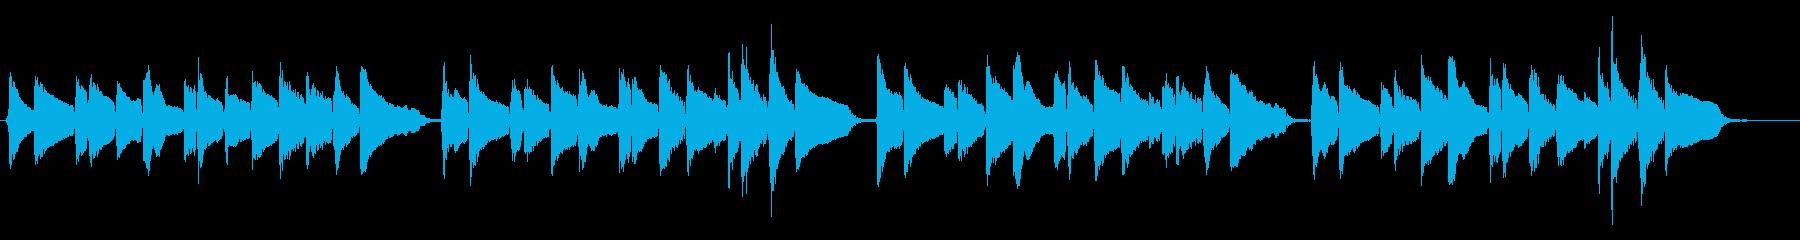 蛍の光 優しいアコギの再生済みの波形